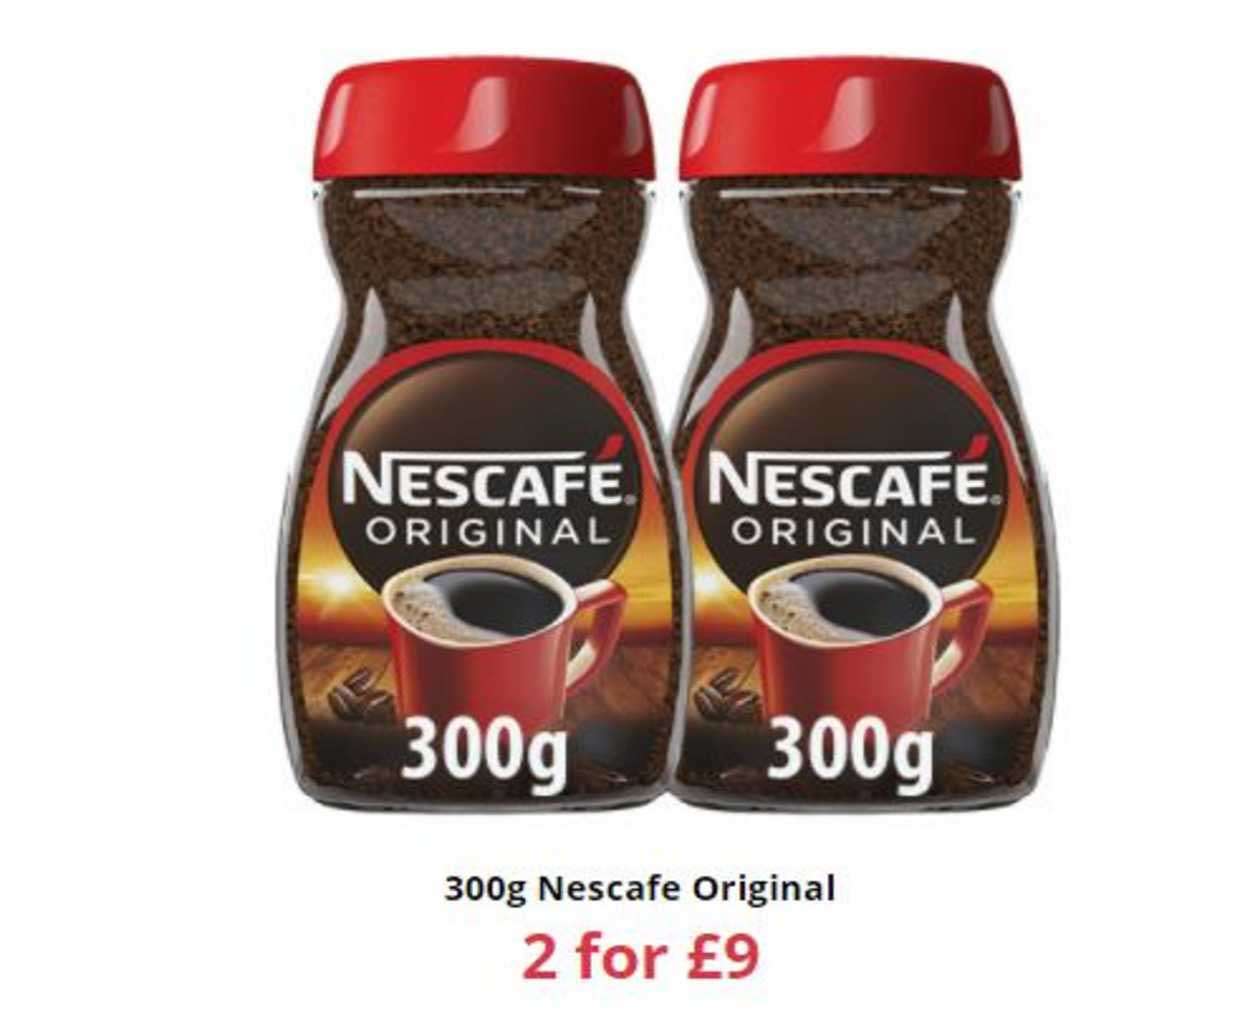 Farmfoods 300g Nescafe Original